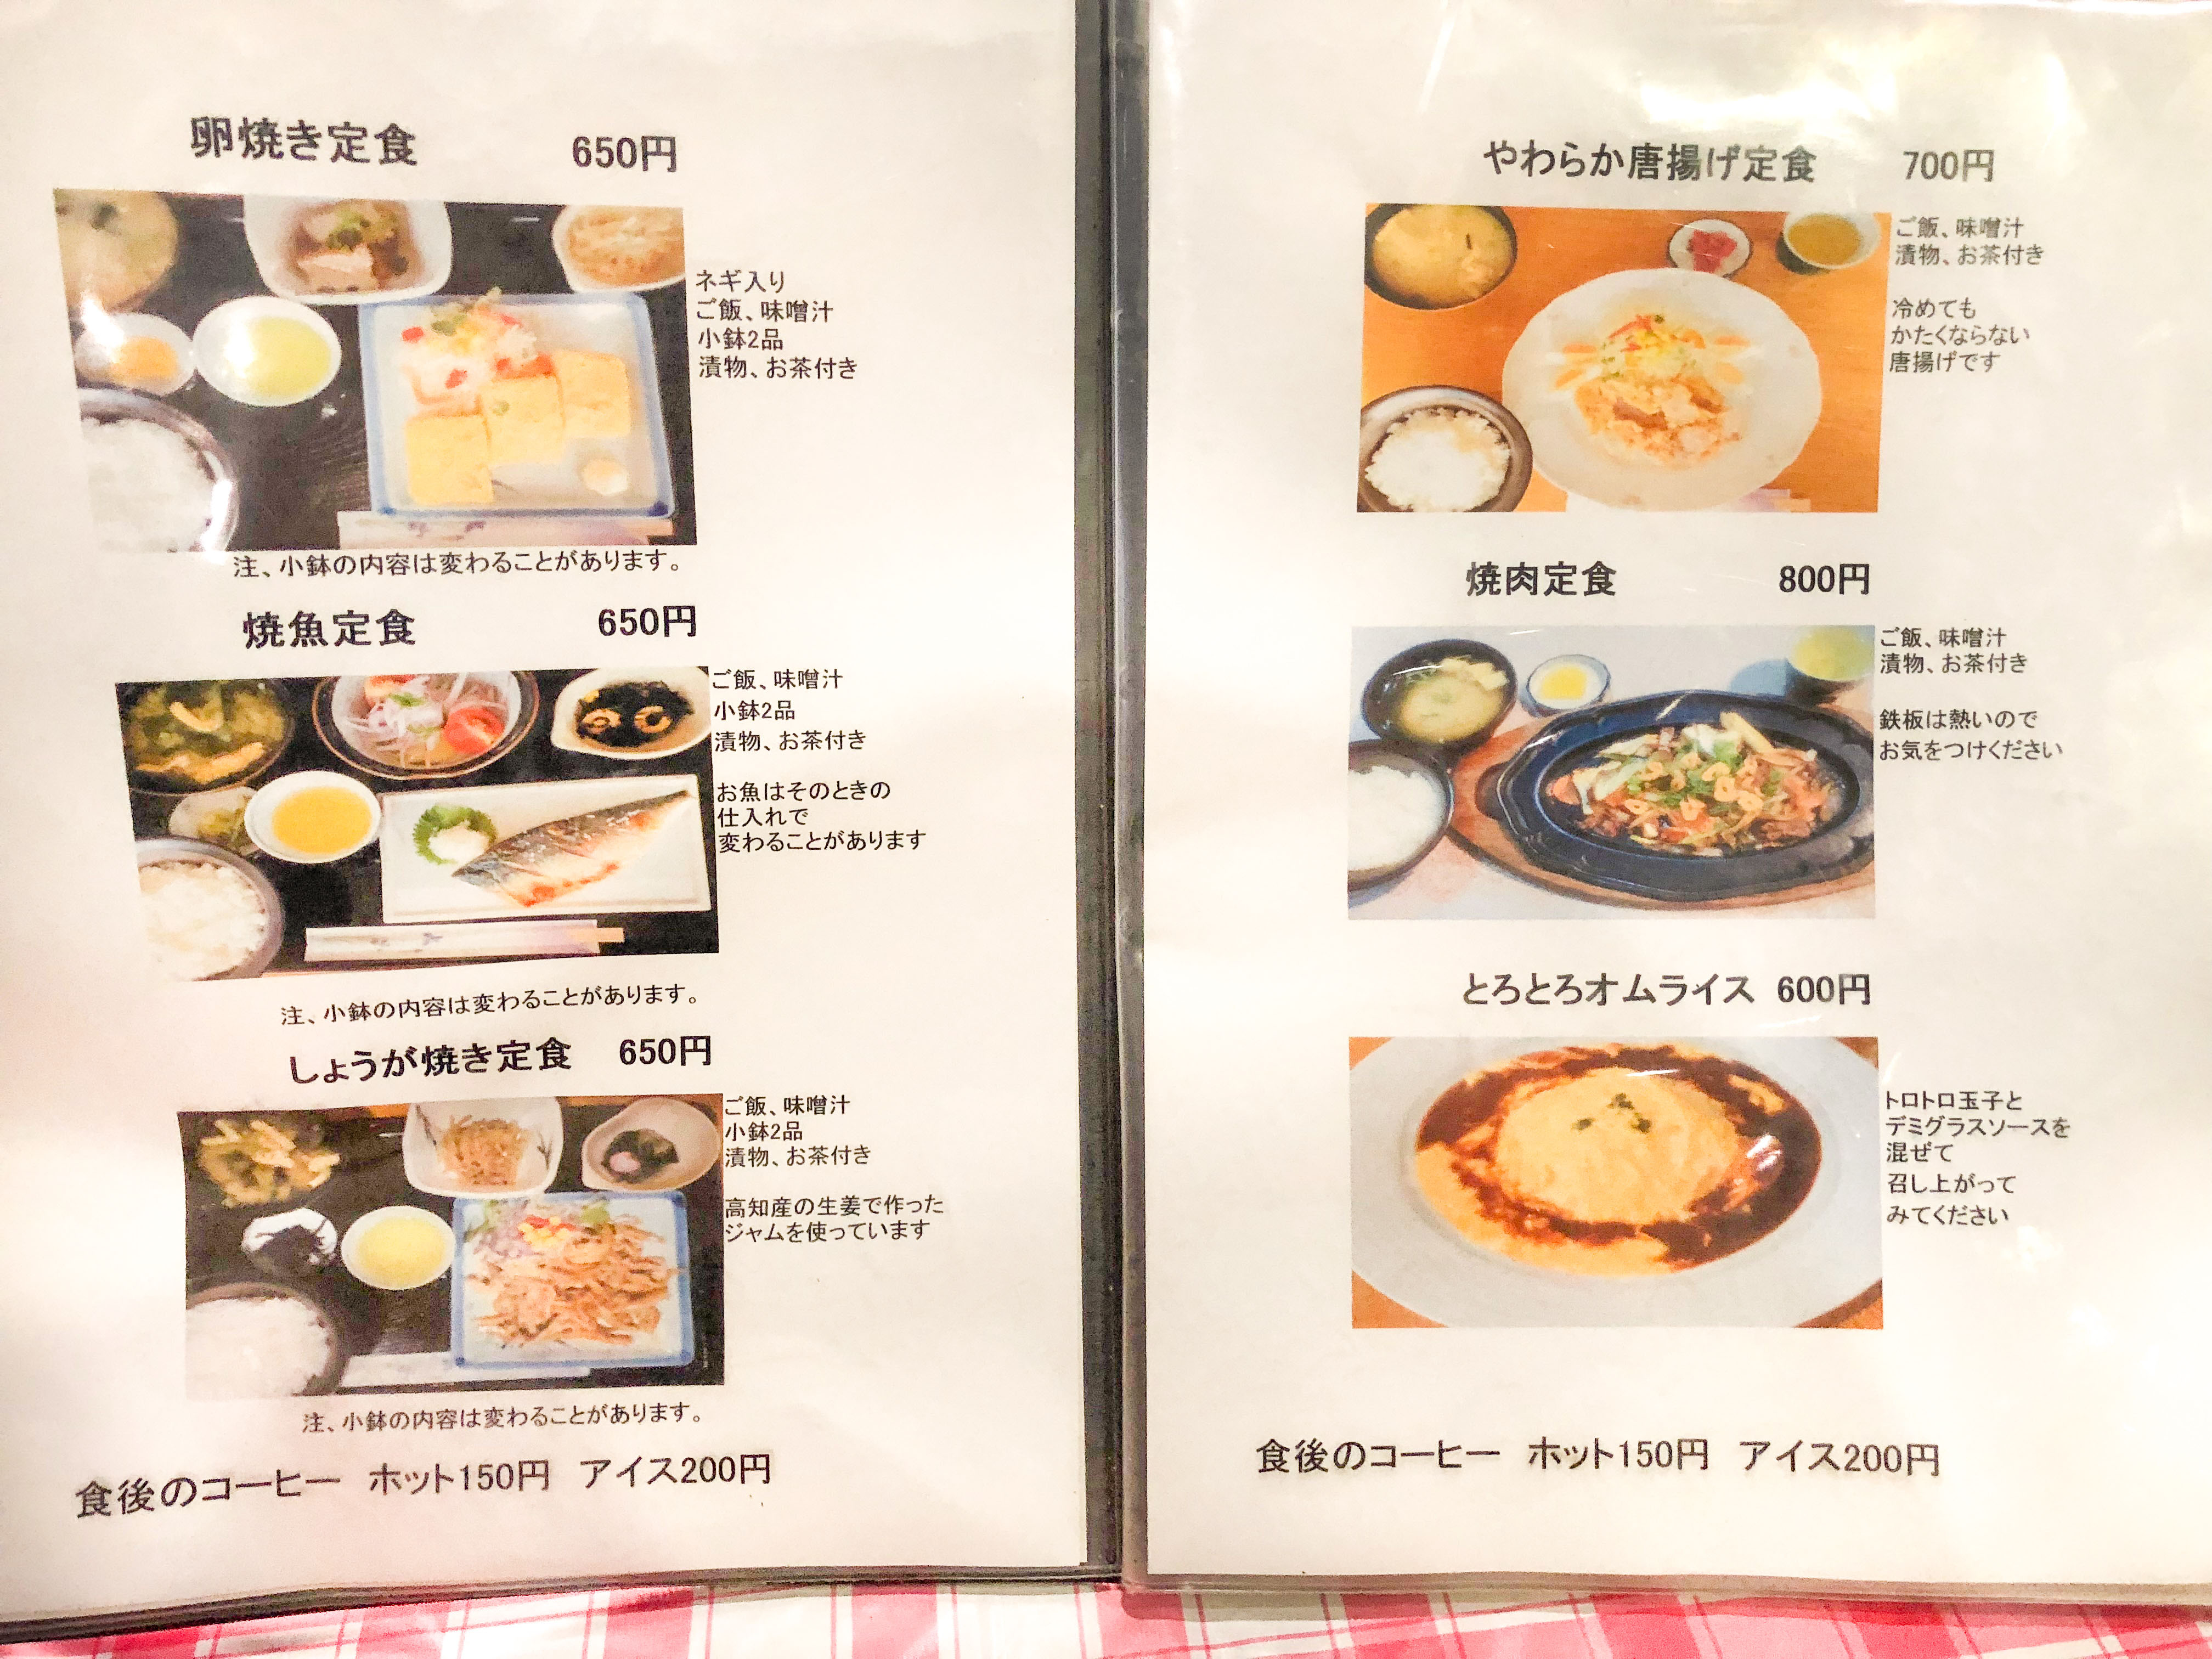 高知市のカフェレストすみれのメニューの画像